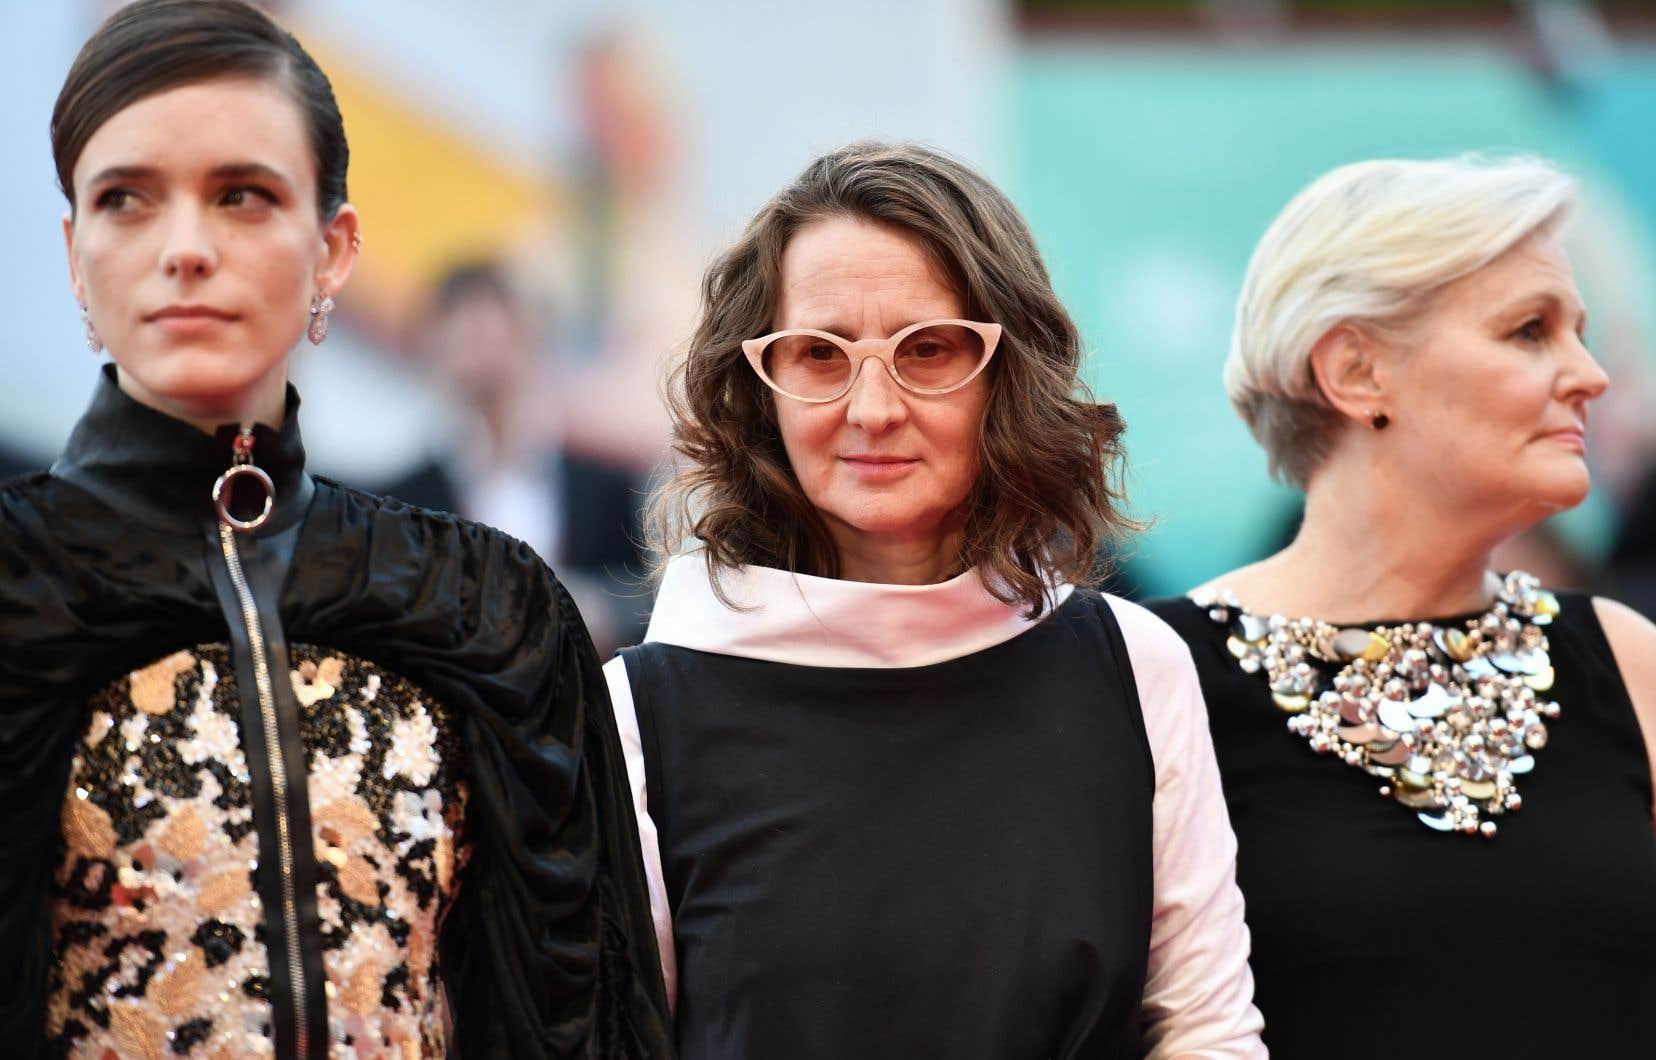 La présidente du jury,Lucrecia Martel (au centre), areconnu être «très gênée» par la sélection du film de Polanski dans la sélection du festival.